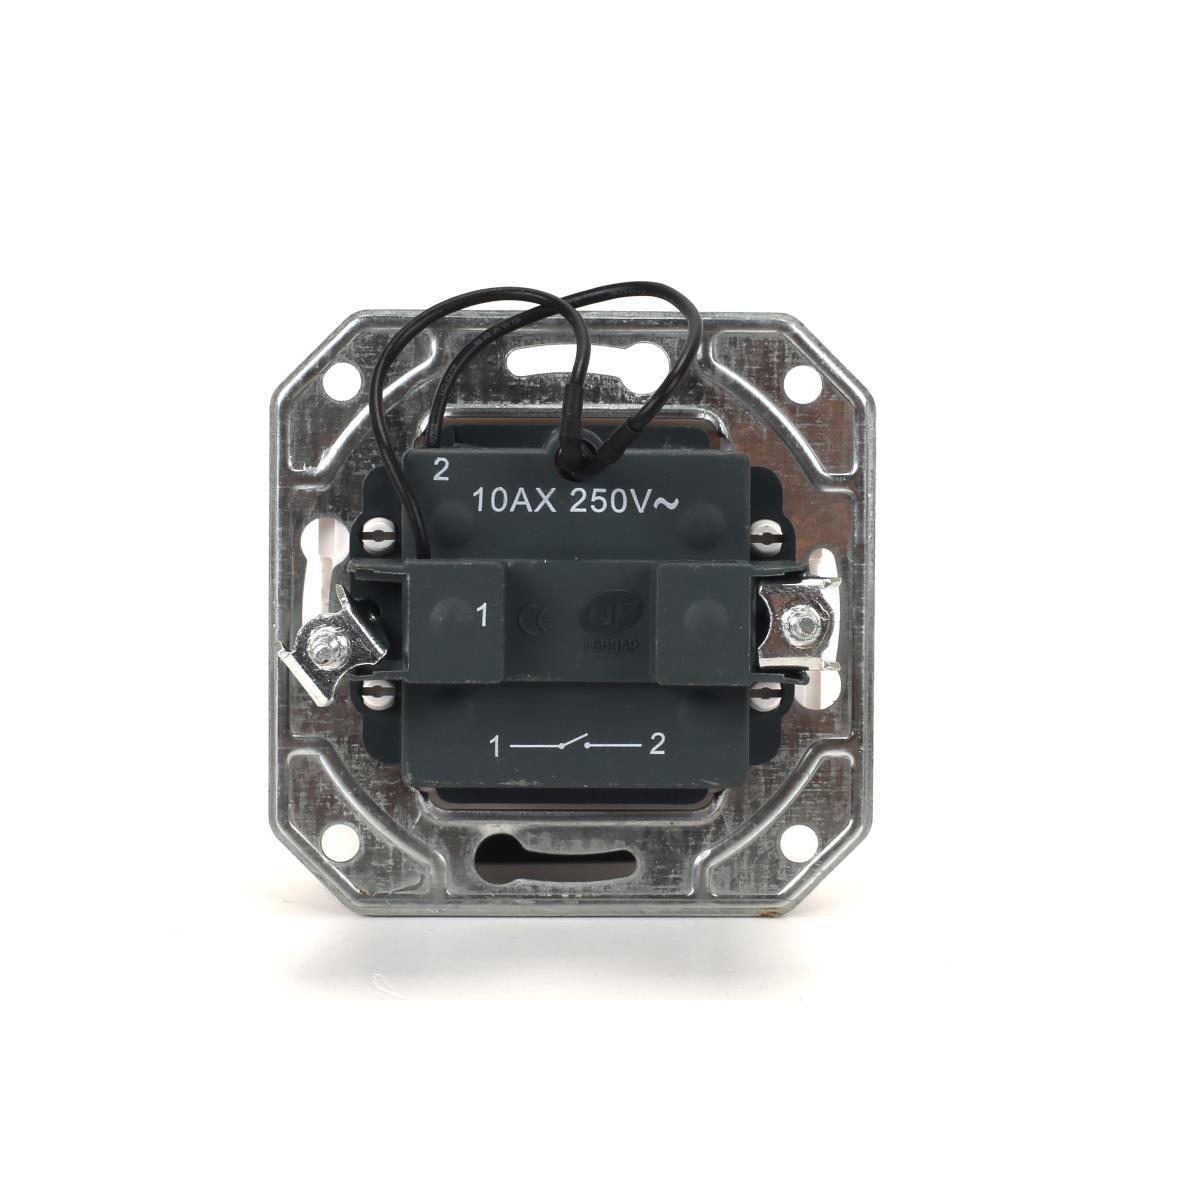 Lichtschalter Unterputz mit Kontrolleuchte 10 A, 230 V weiß Serie TAILI,Vagner SDH,TL1101B, 4770364104329